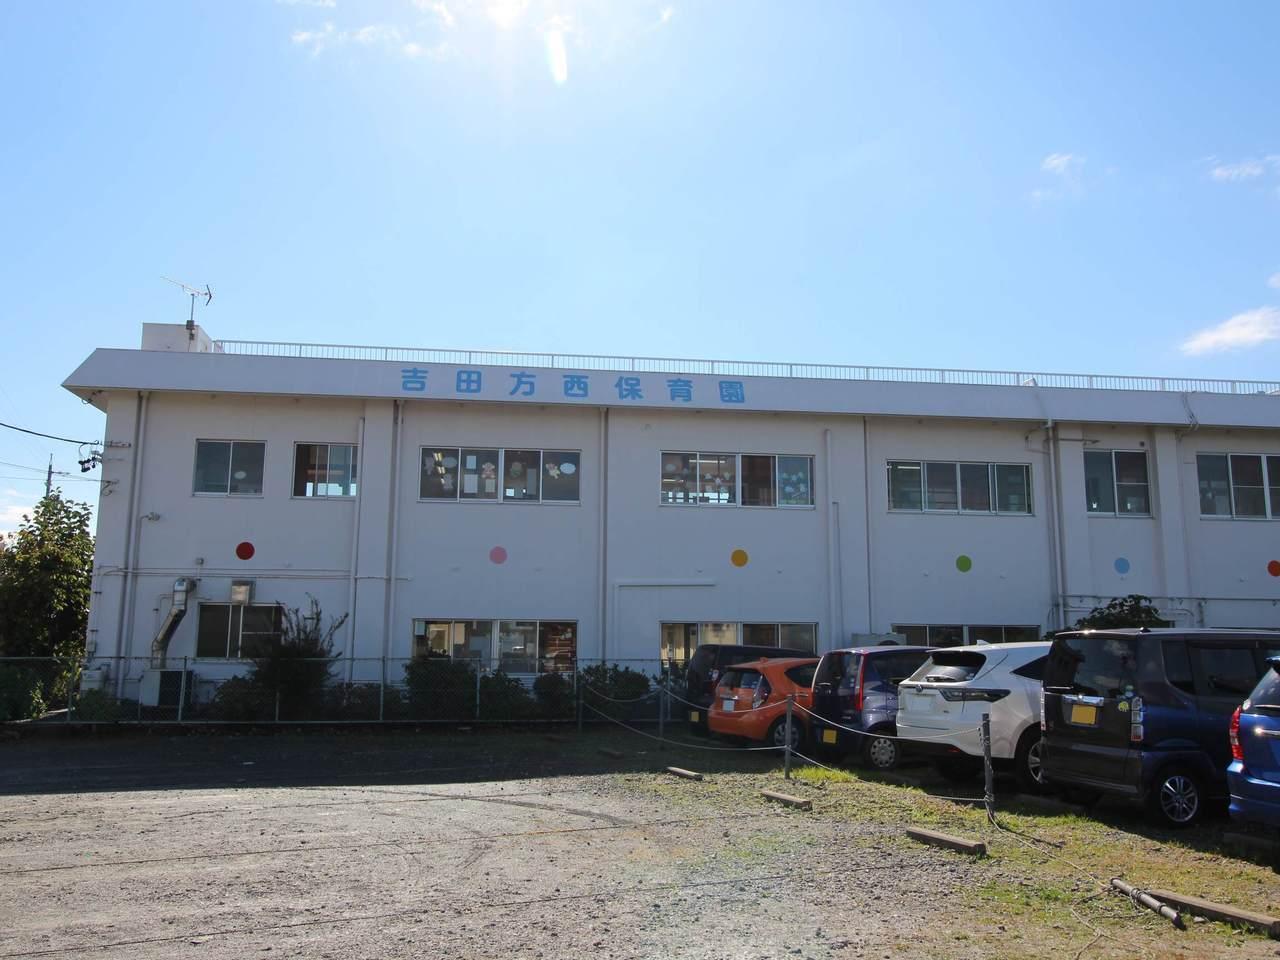 【幼稚園・保育園】吉田方西保育園まで徒歩6分(440m)